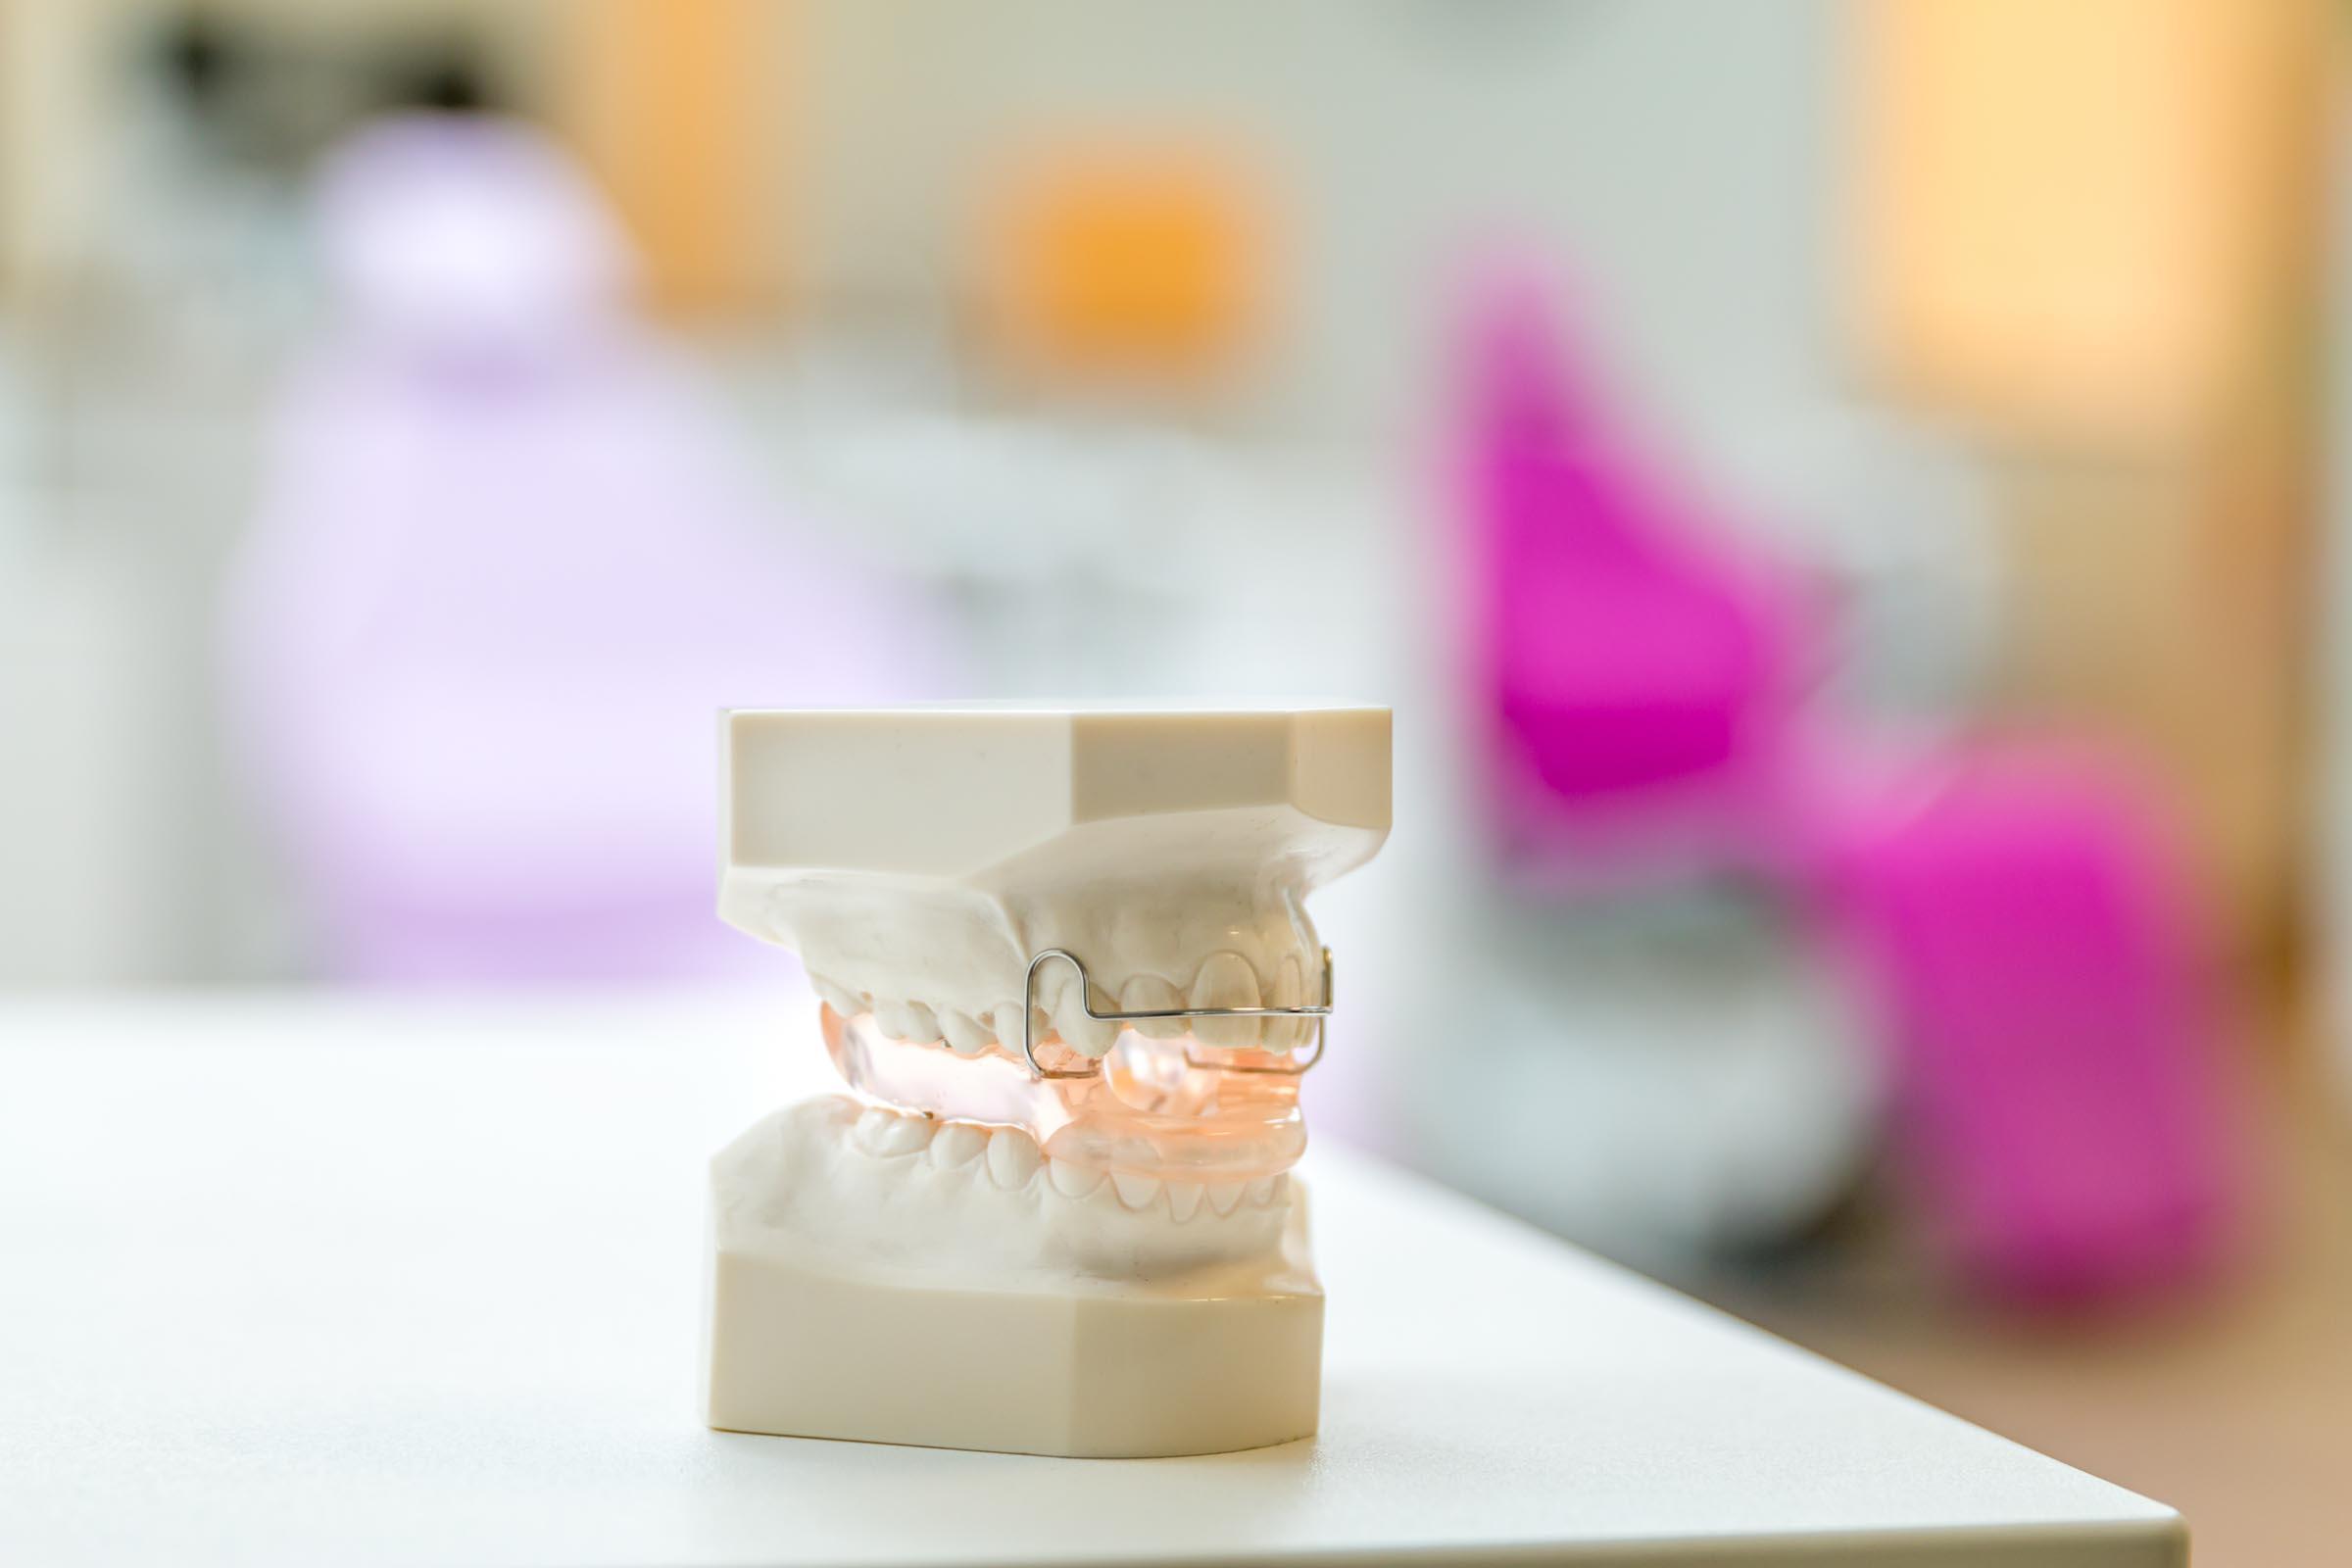 image from Othodontistenpraktijk Dr R E G Jonkman